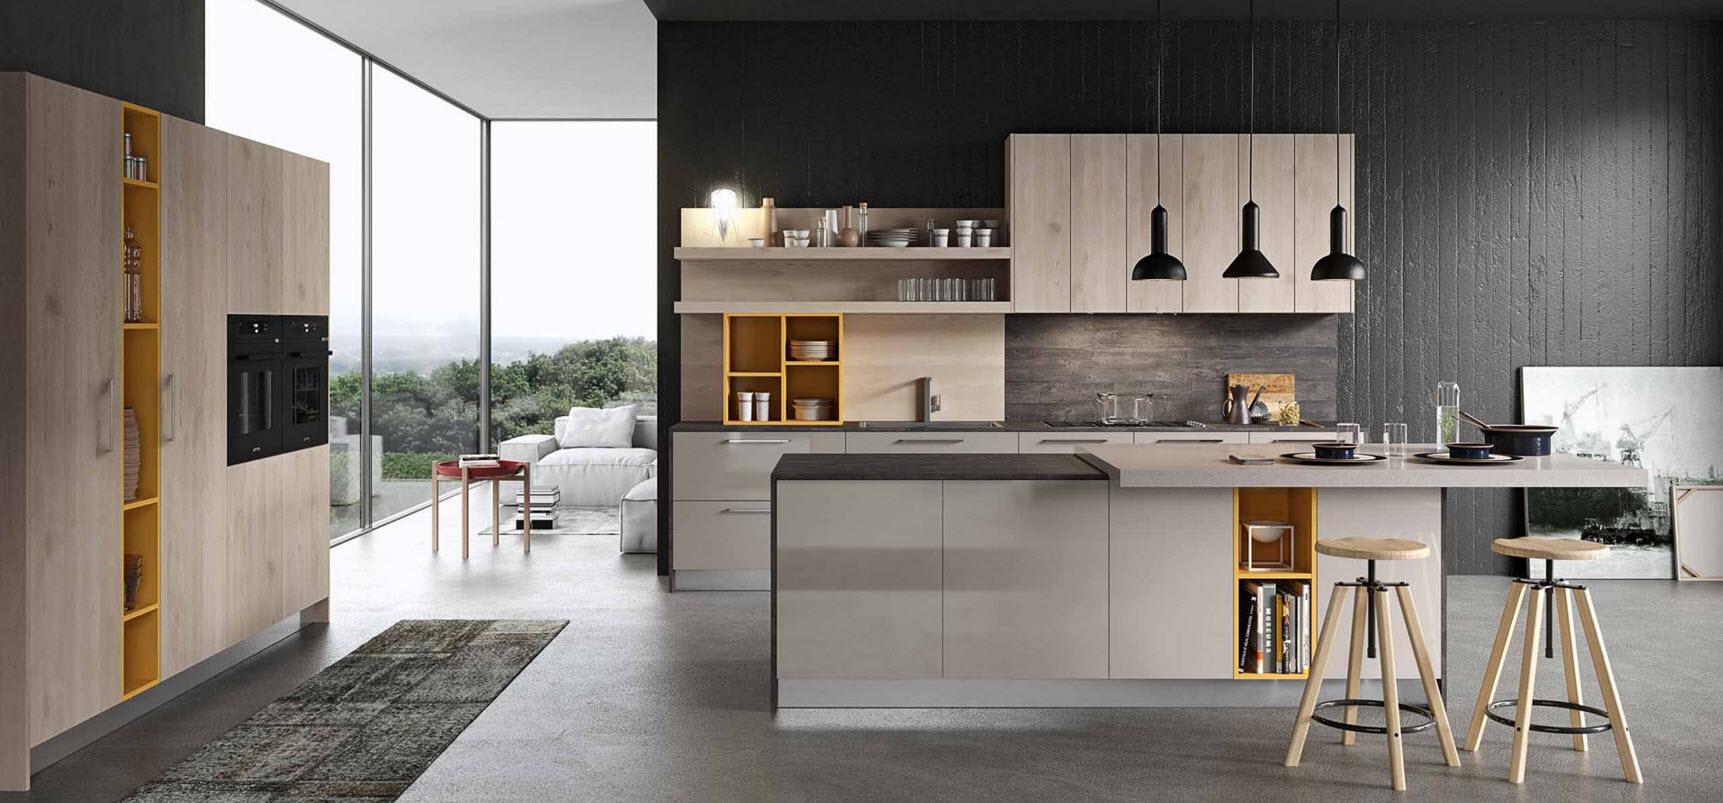 Ideas y dise o de cocinas modernas for Cocinas de madera modernas 2016